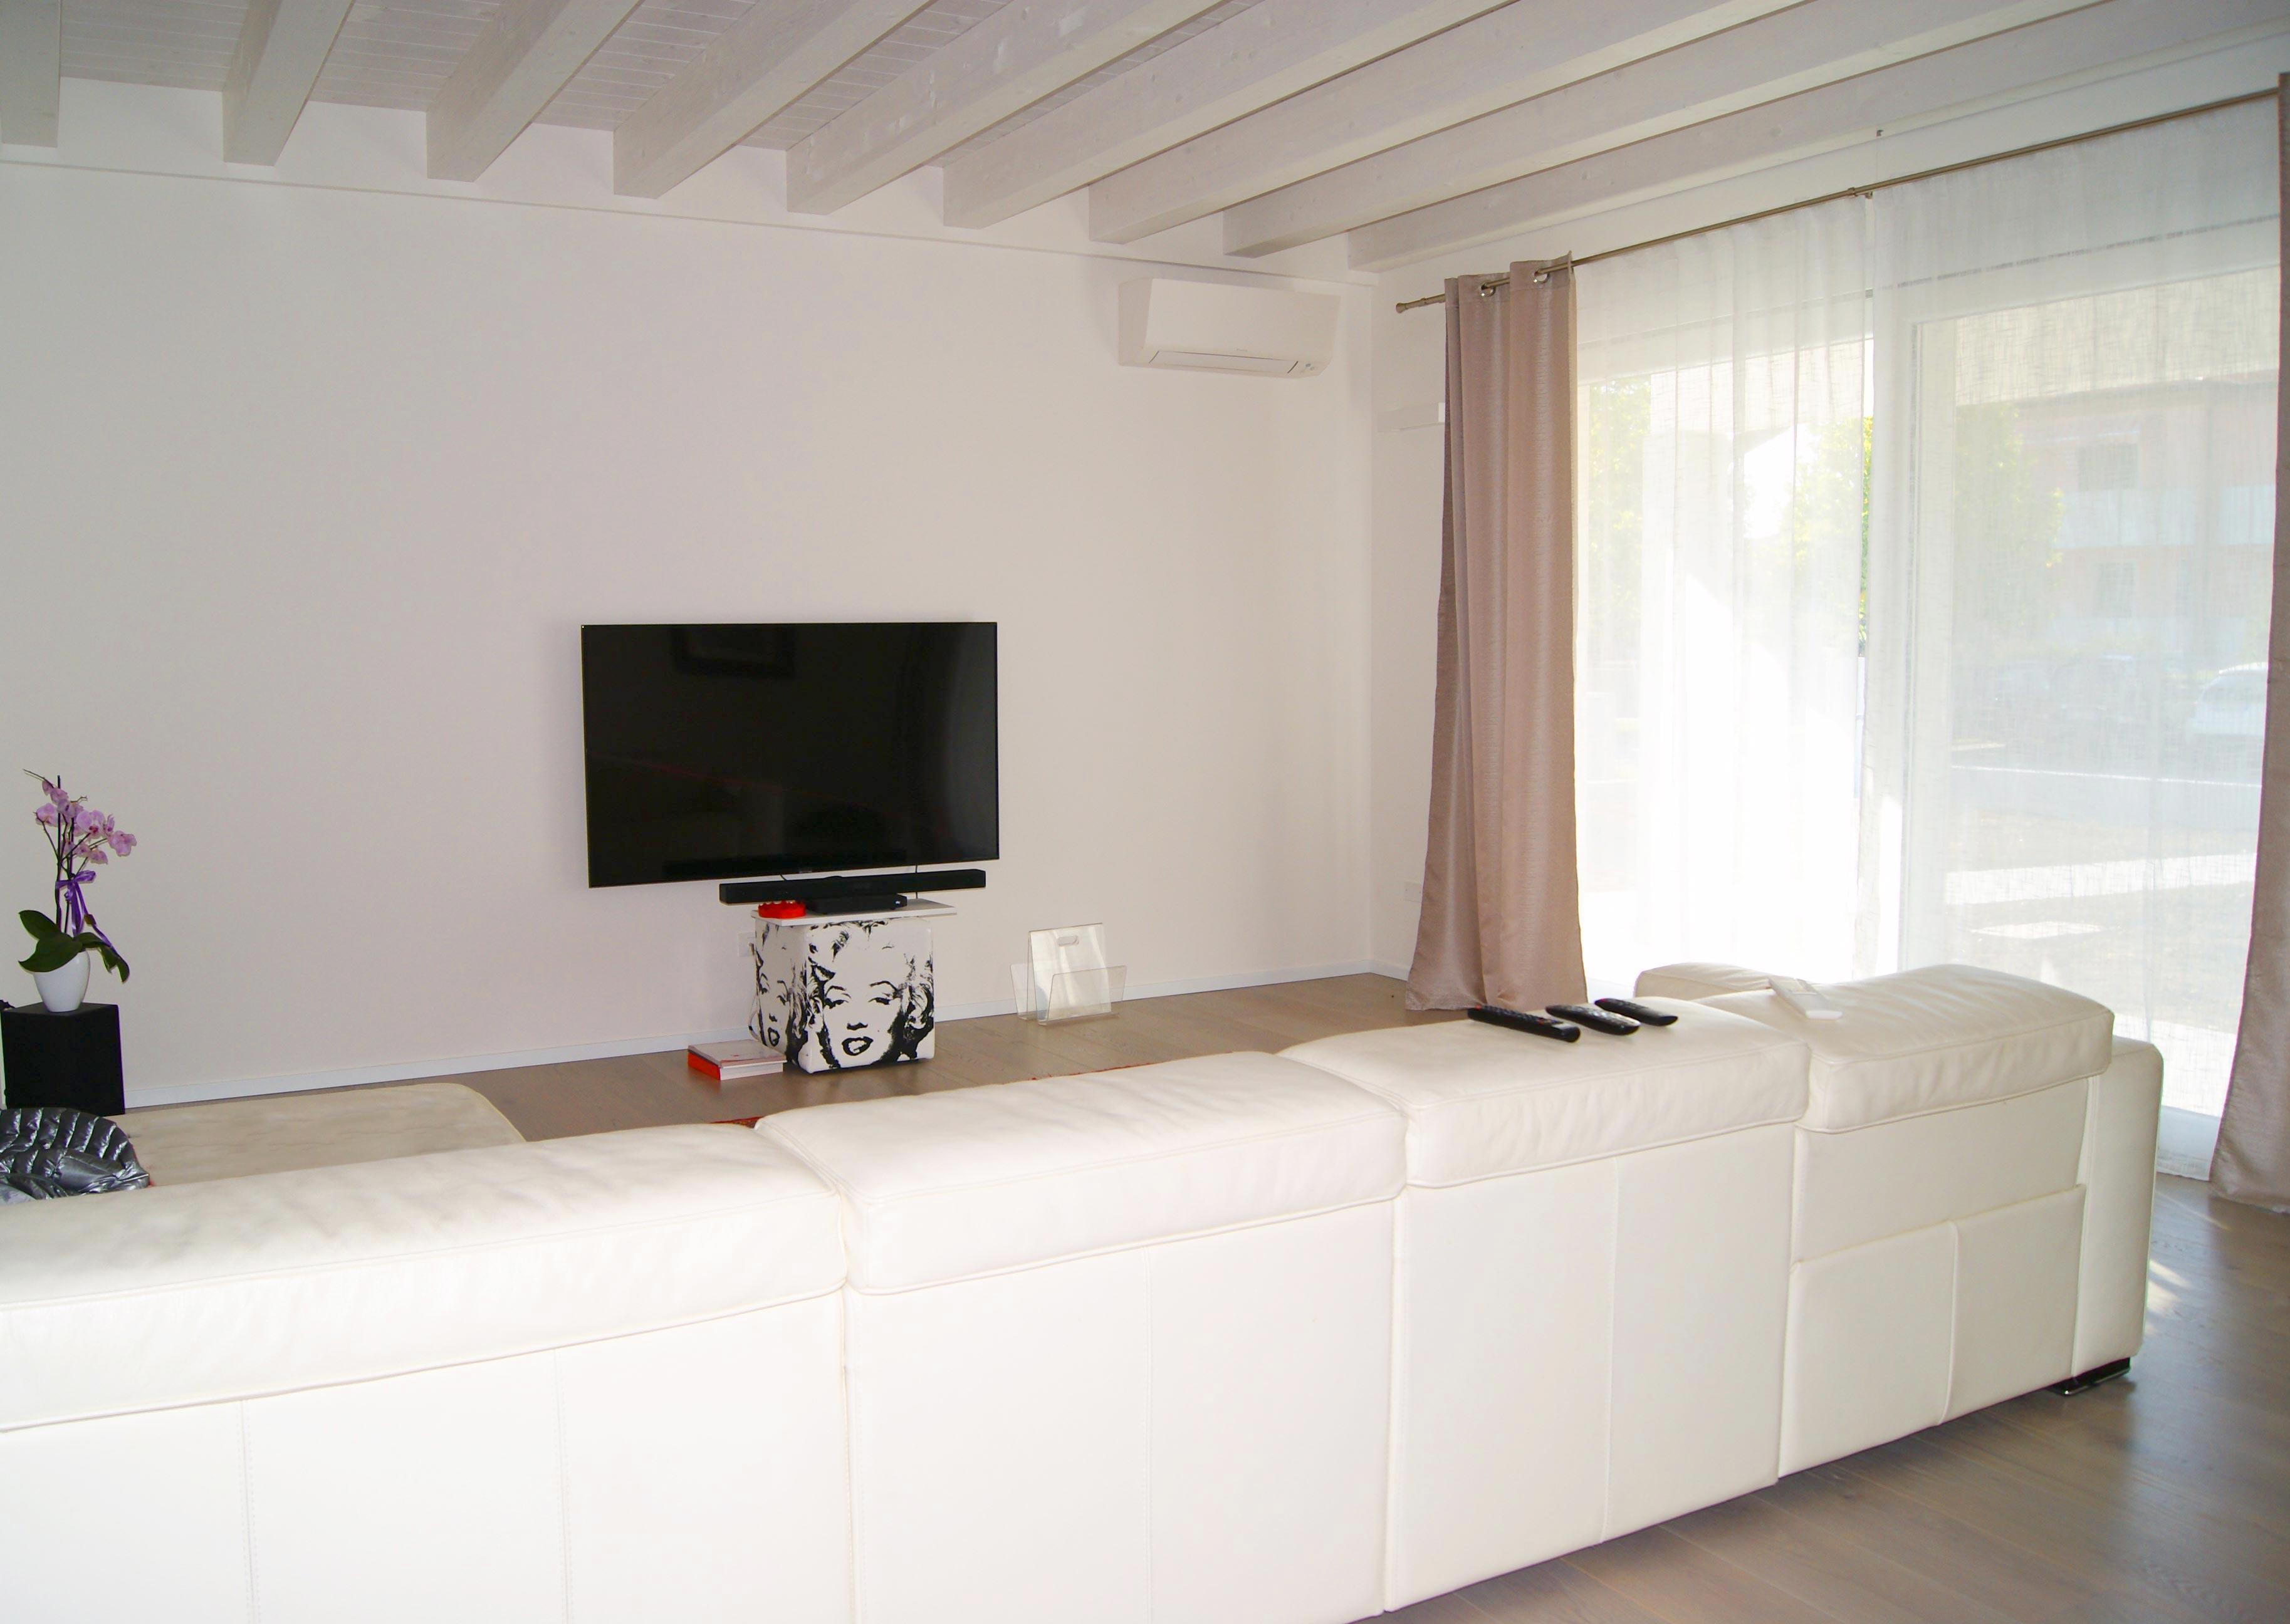 interno di casa moderna con ampia vetrata